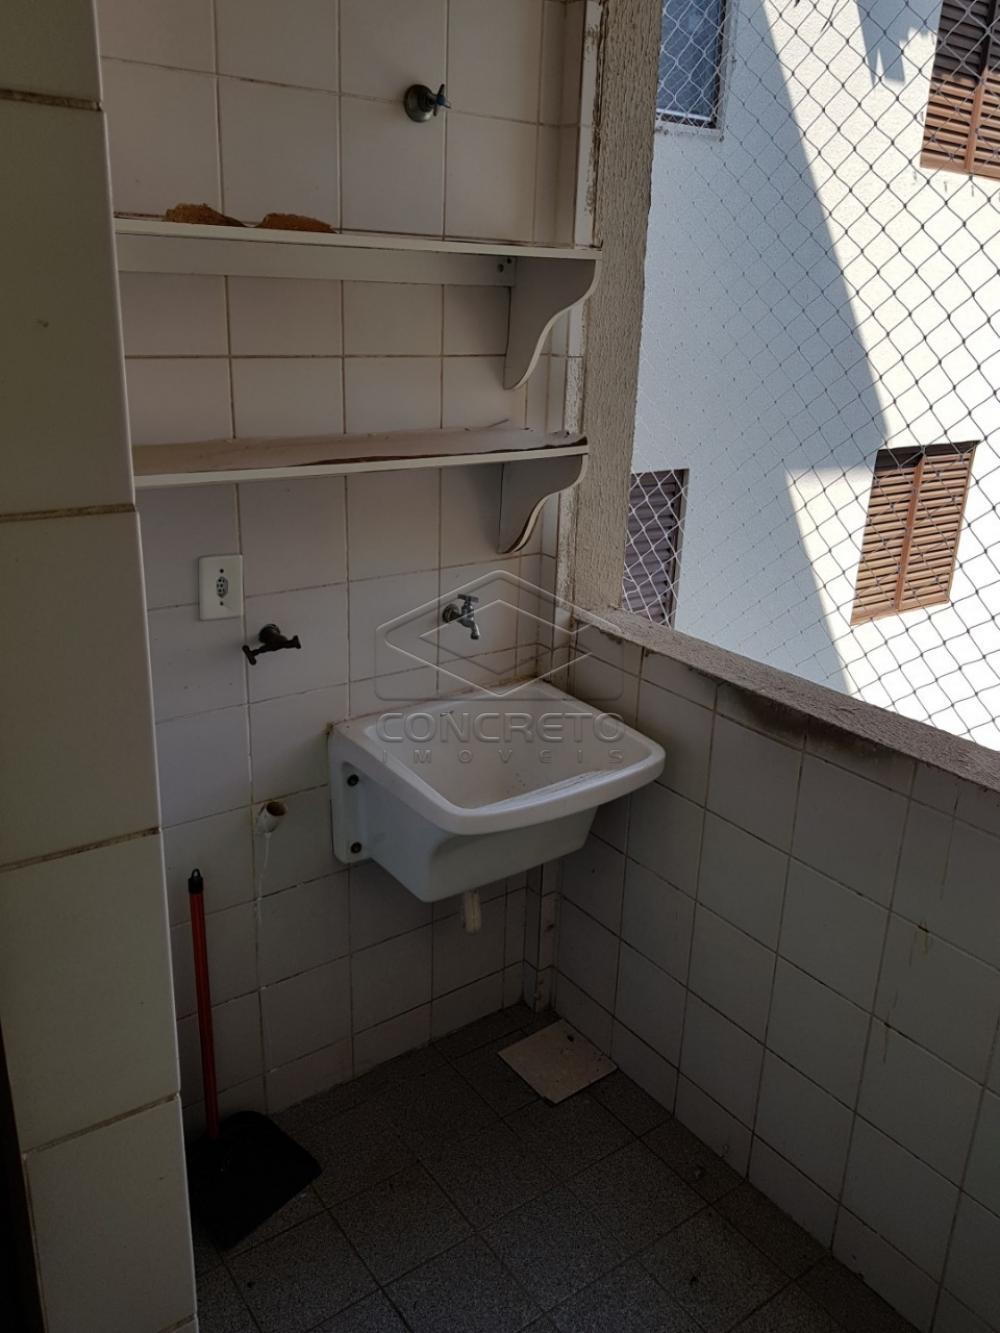 Comprar Apartamento / Padrão em Bauru R$ 113.000,00 - Foto 14